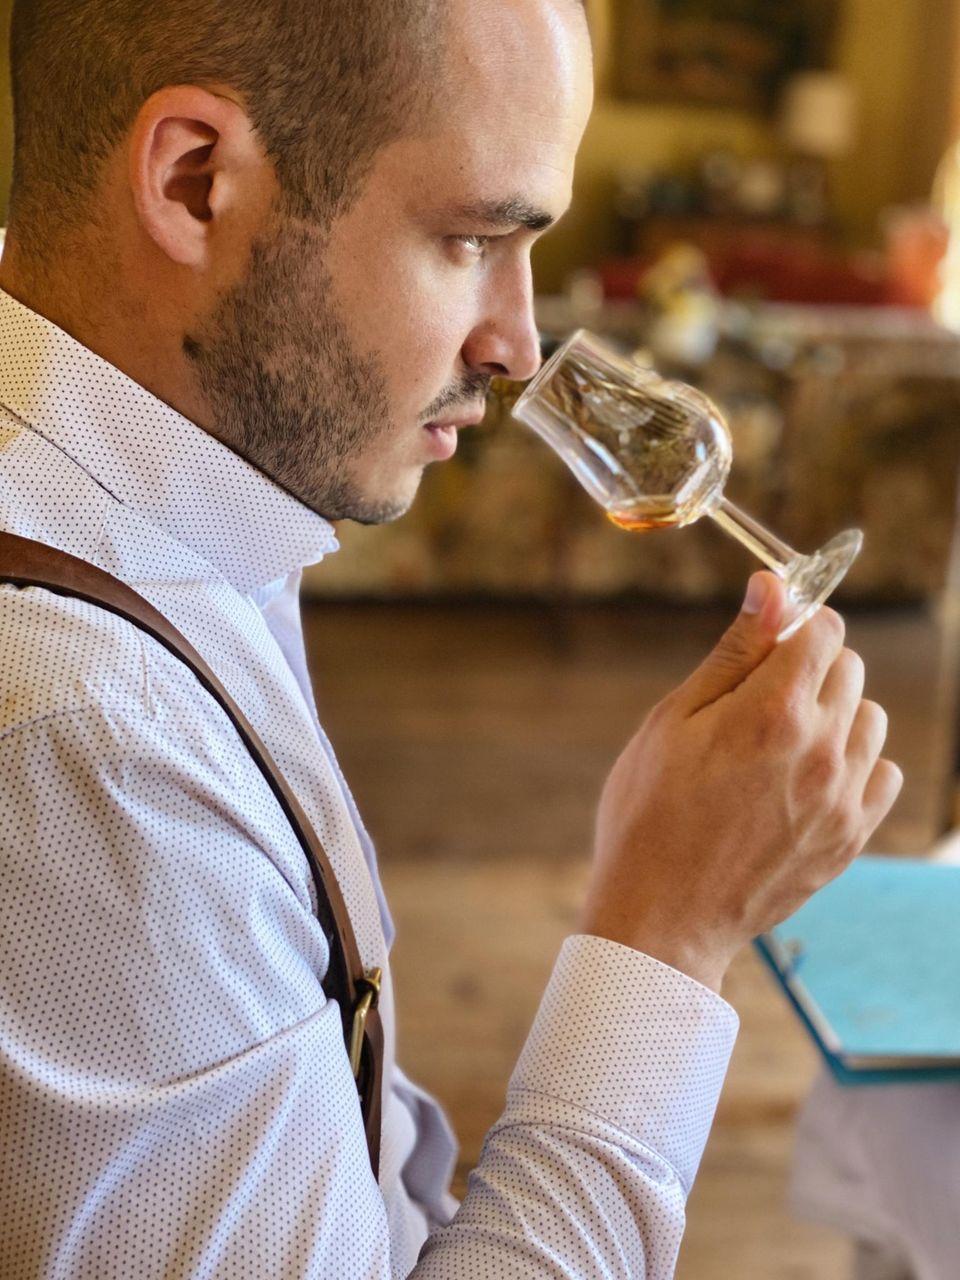 Nicolas Kröger ist ein gefragter Rum-Experte und Brennmeister.